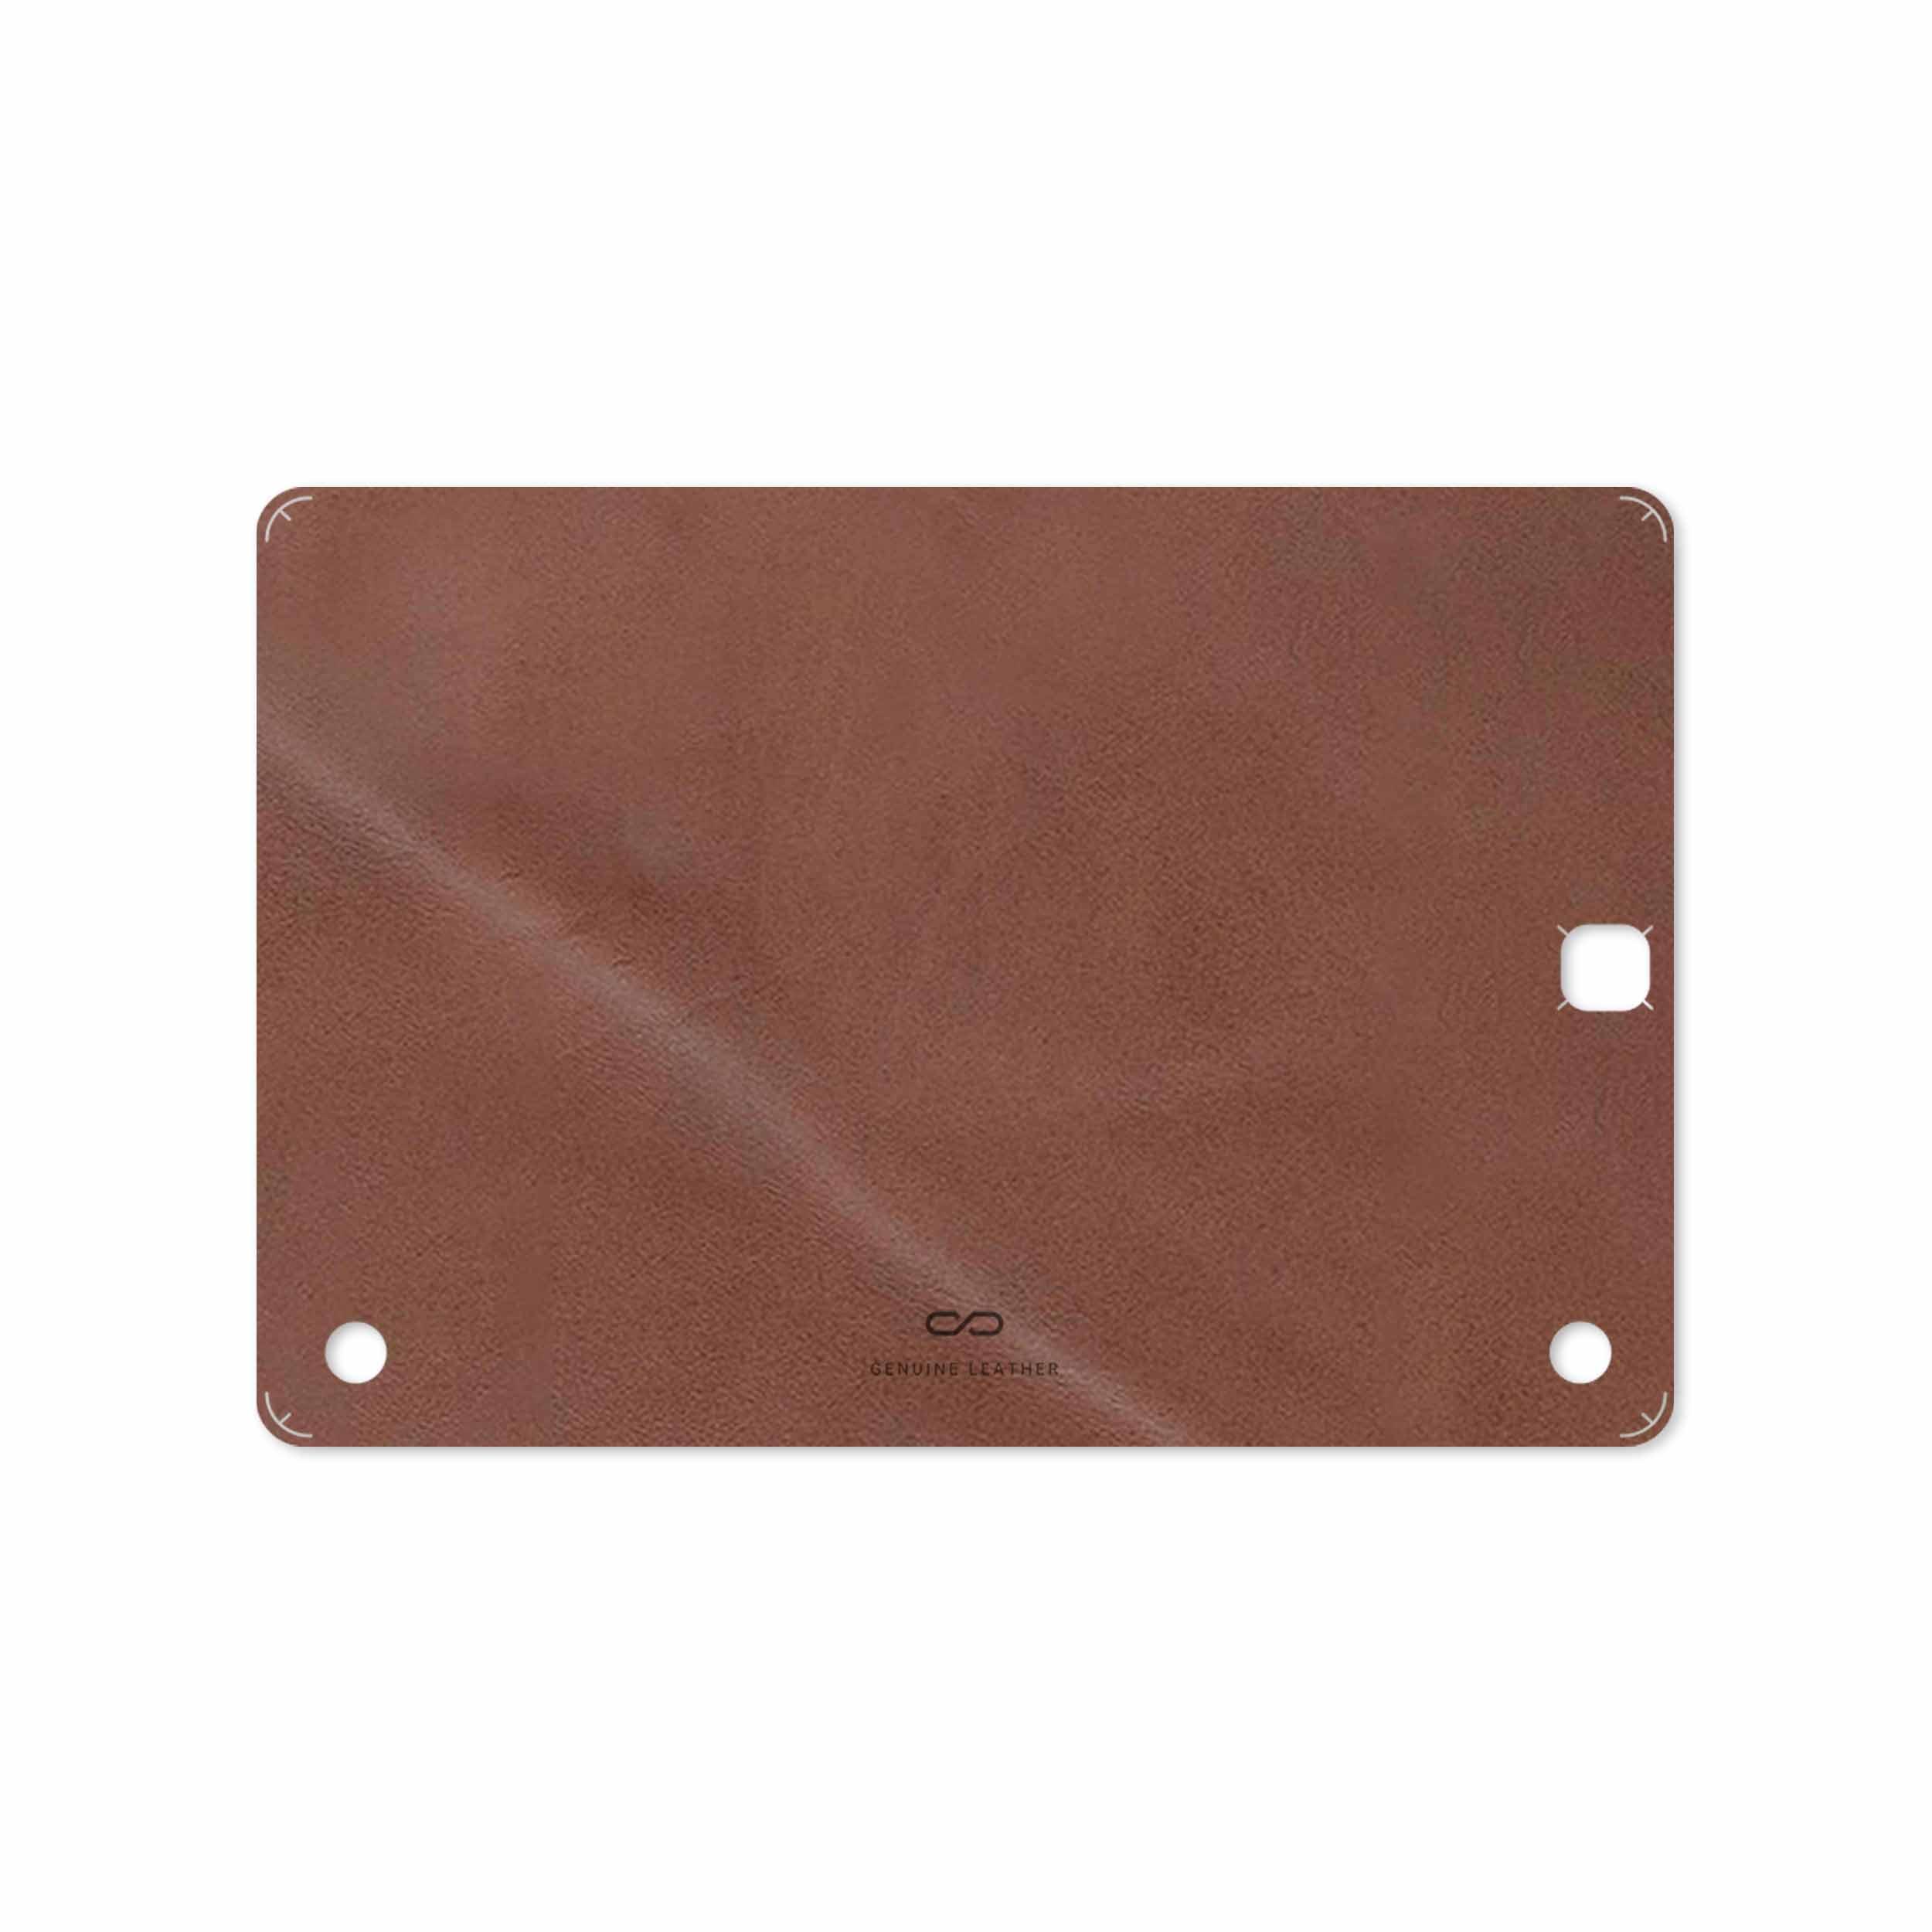 بررسی و خرید [با تخفیف]                                     برچسب پوششی ماهوت مدل Matte_Natural_Leather مناسب برای تبلت سامسونگ Galaxy Tab A 9.7 2015 T555                             اورجینال